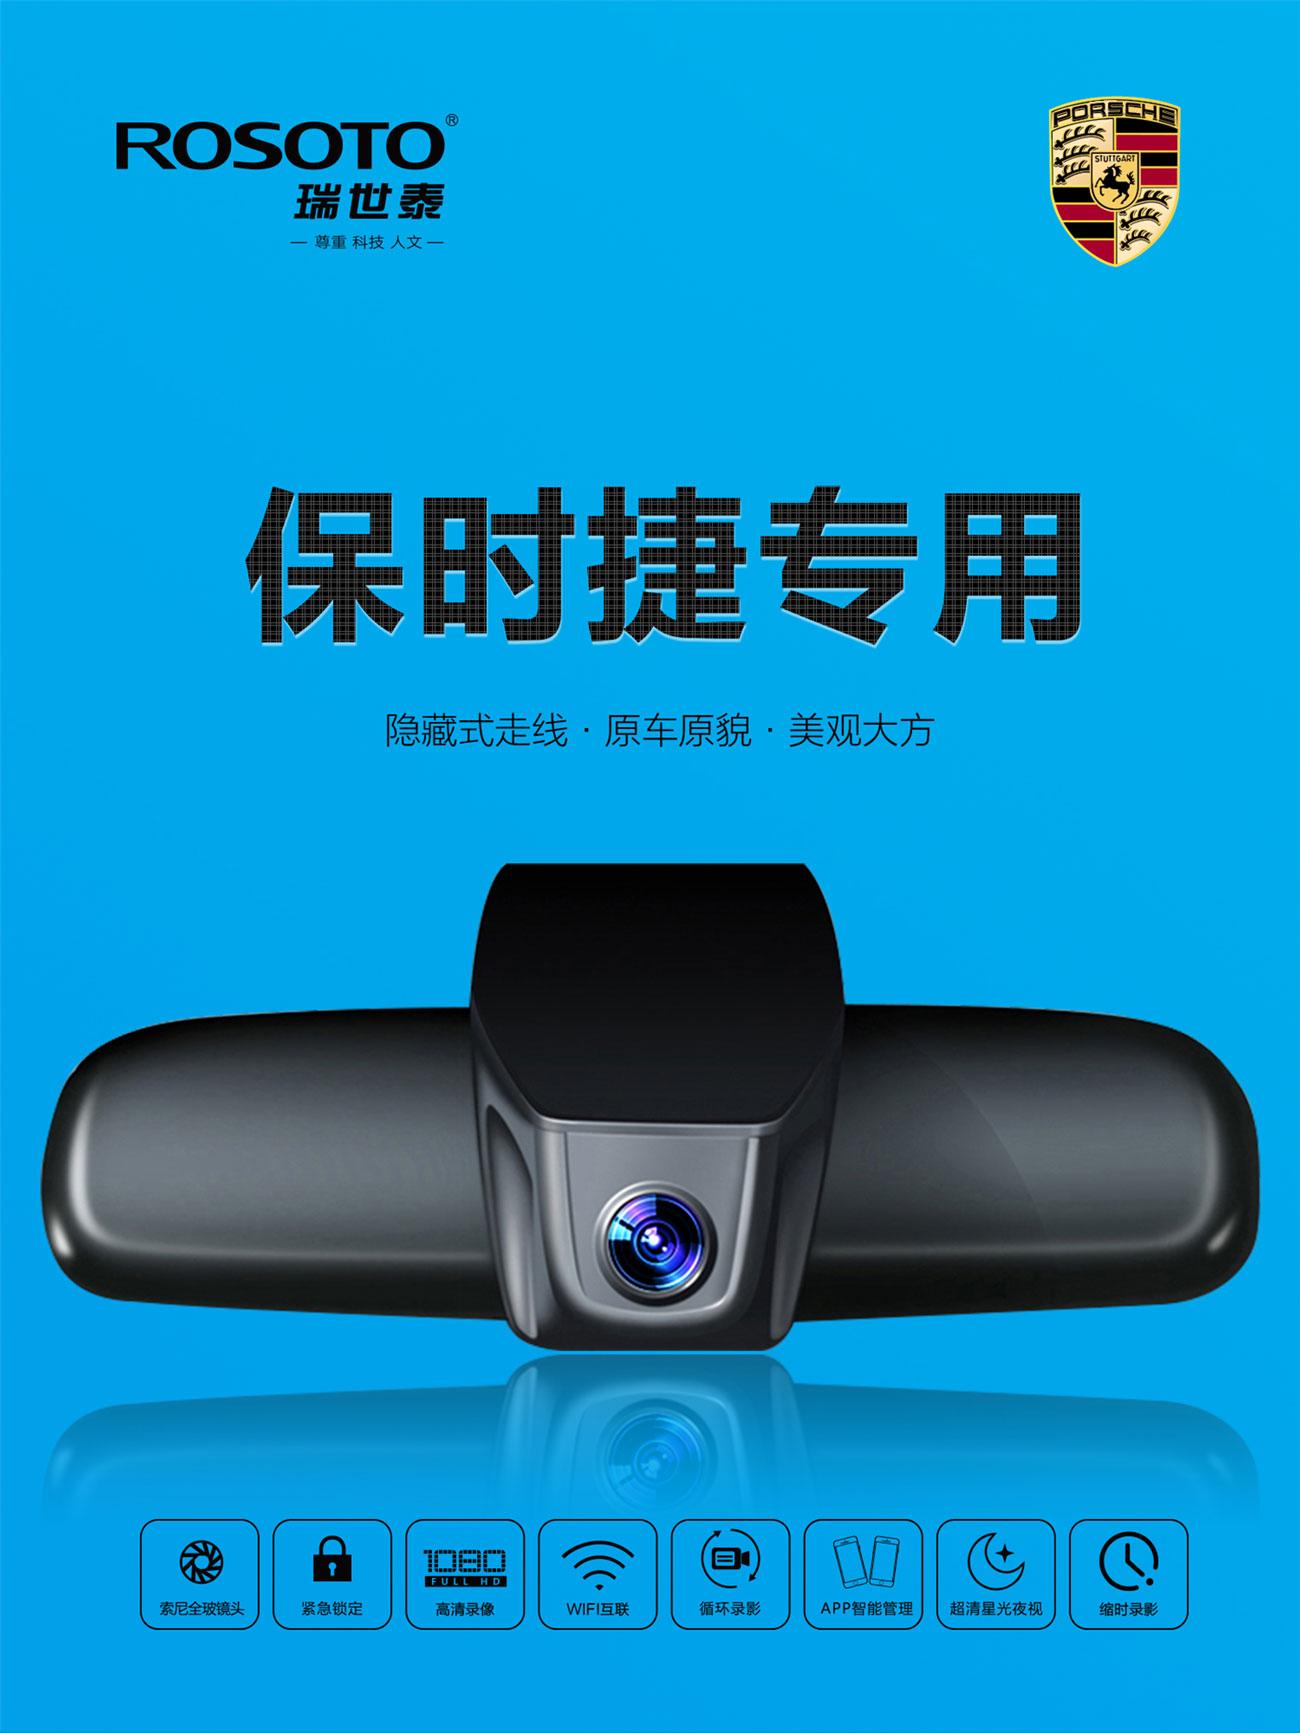 专车专用隐藏式行车记录仪工厂|FHD1080P|UHD1440P|中国质造•服务全球